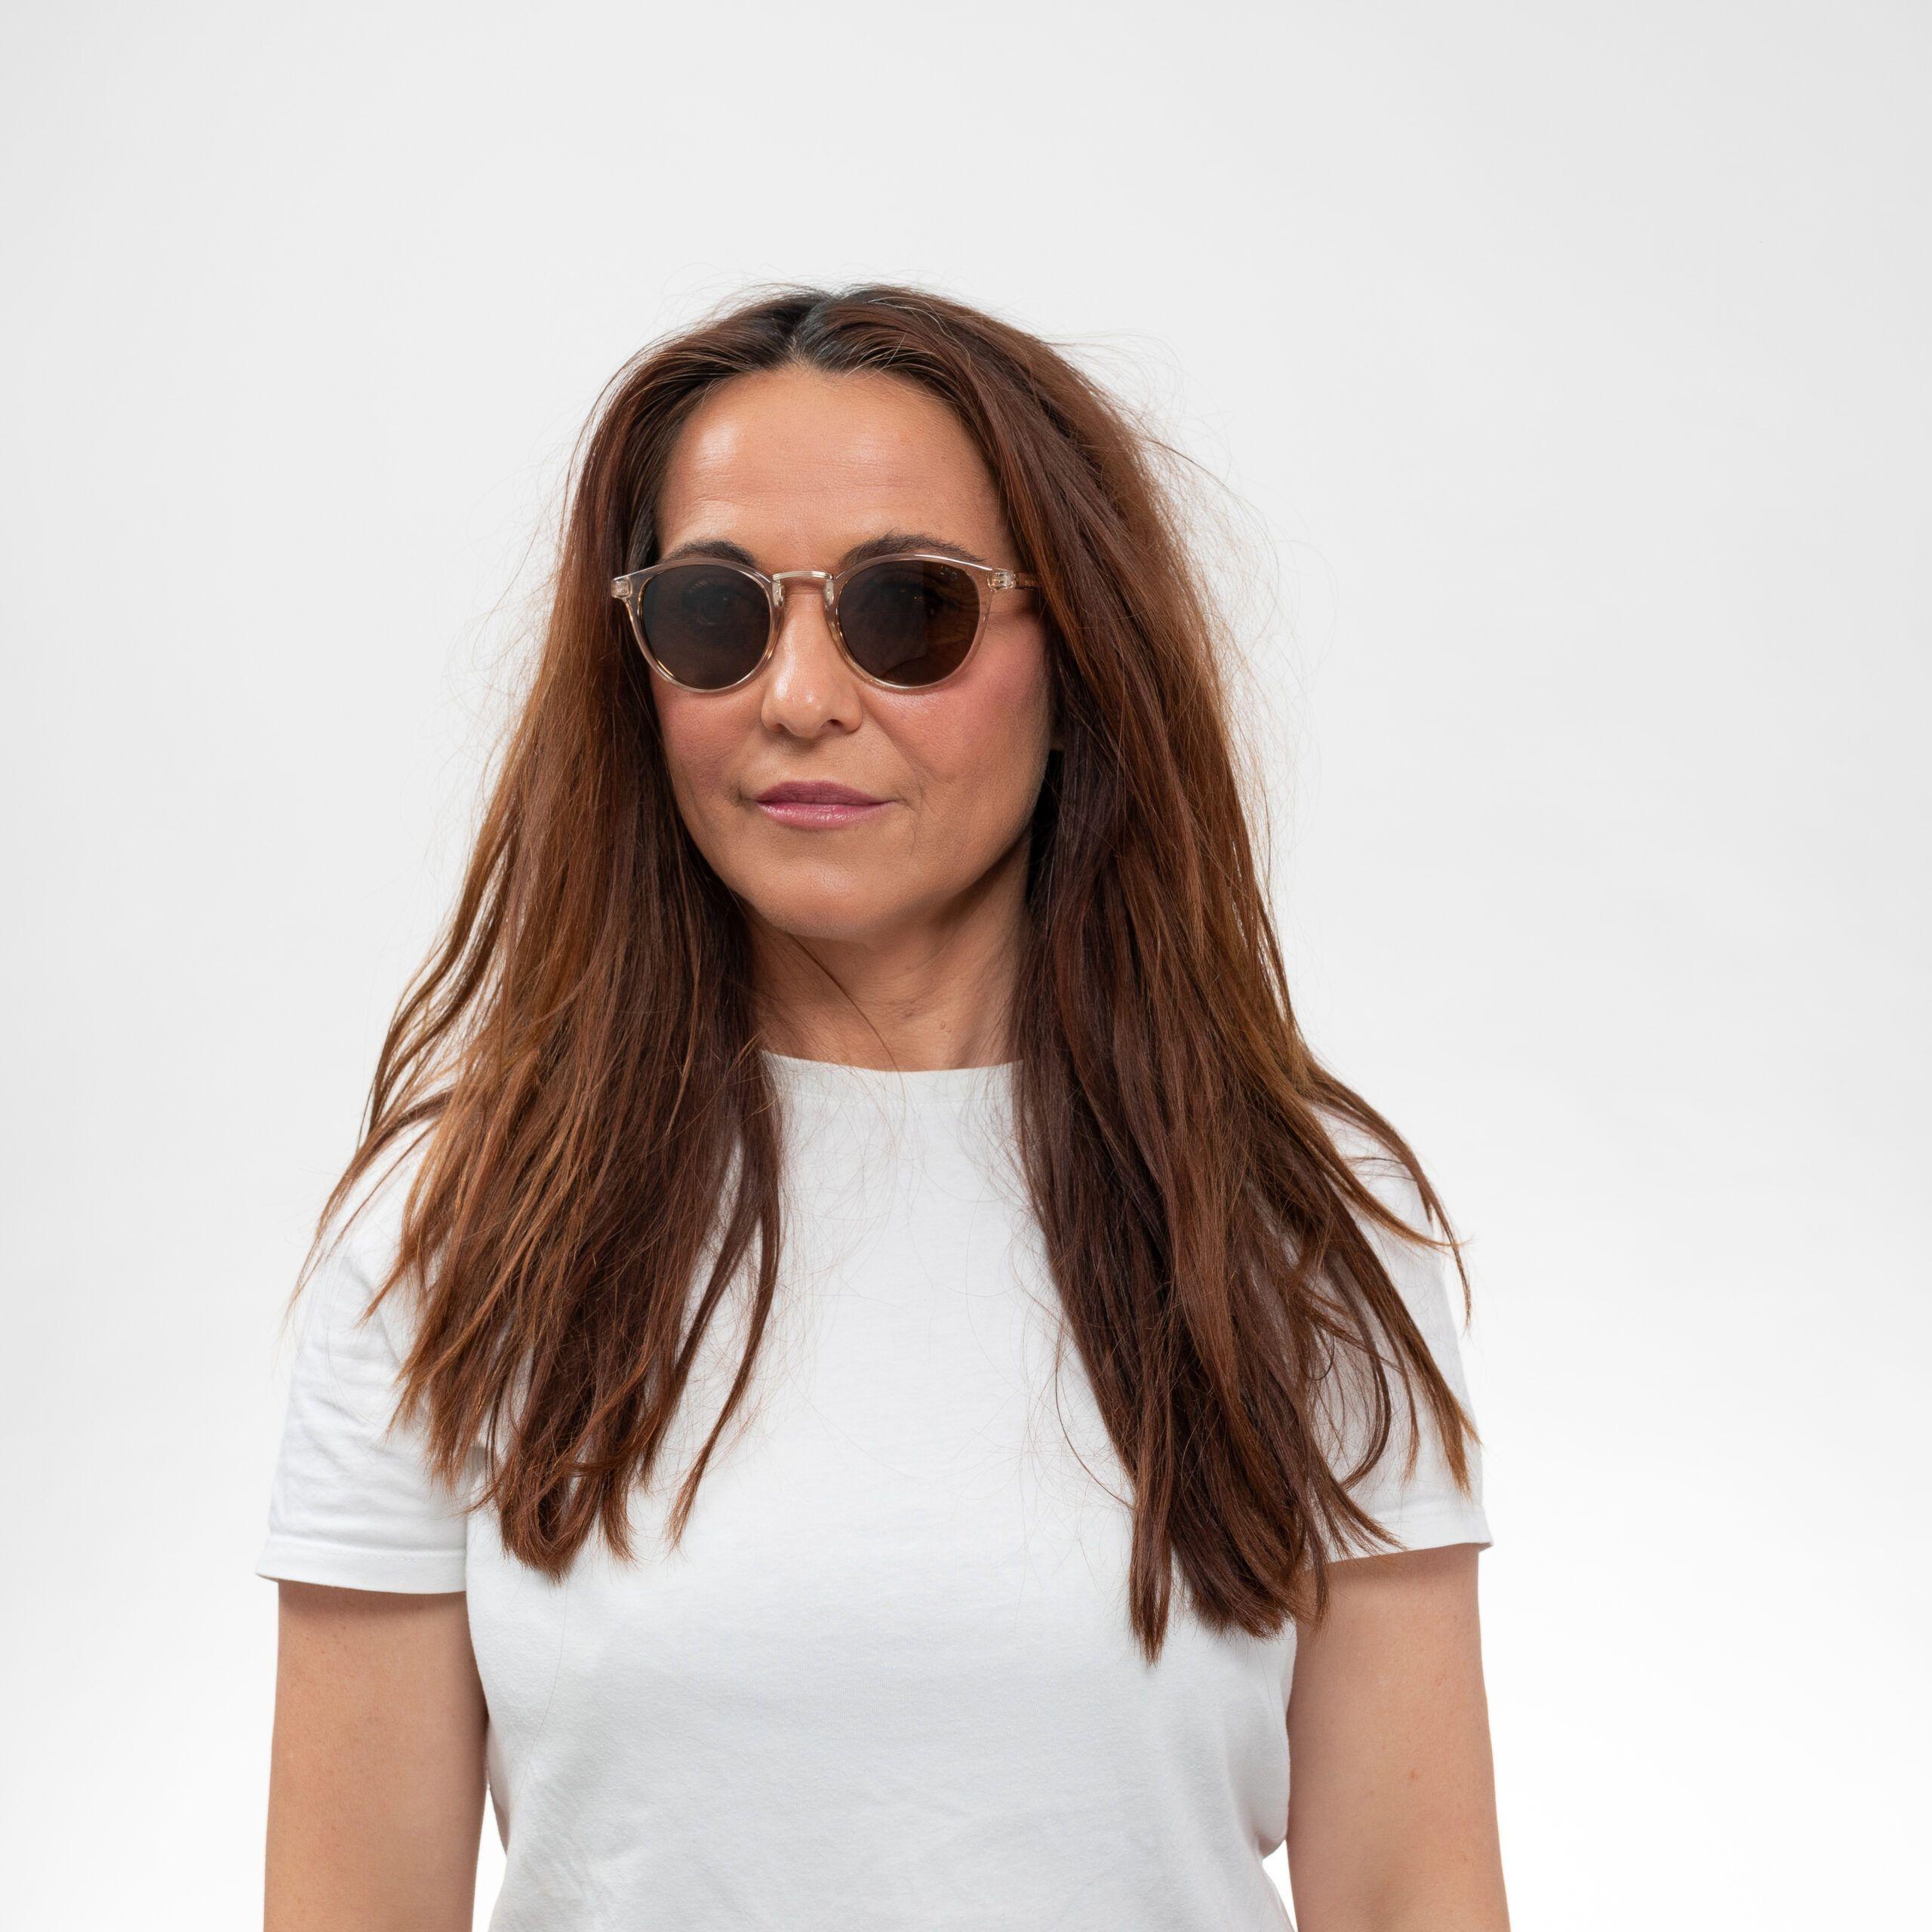 Gafas-de-sol-Liive66-scaled FELINE POLAR CHAMPAGNE